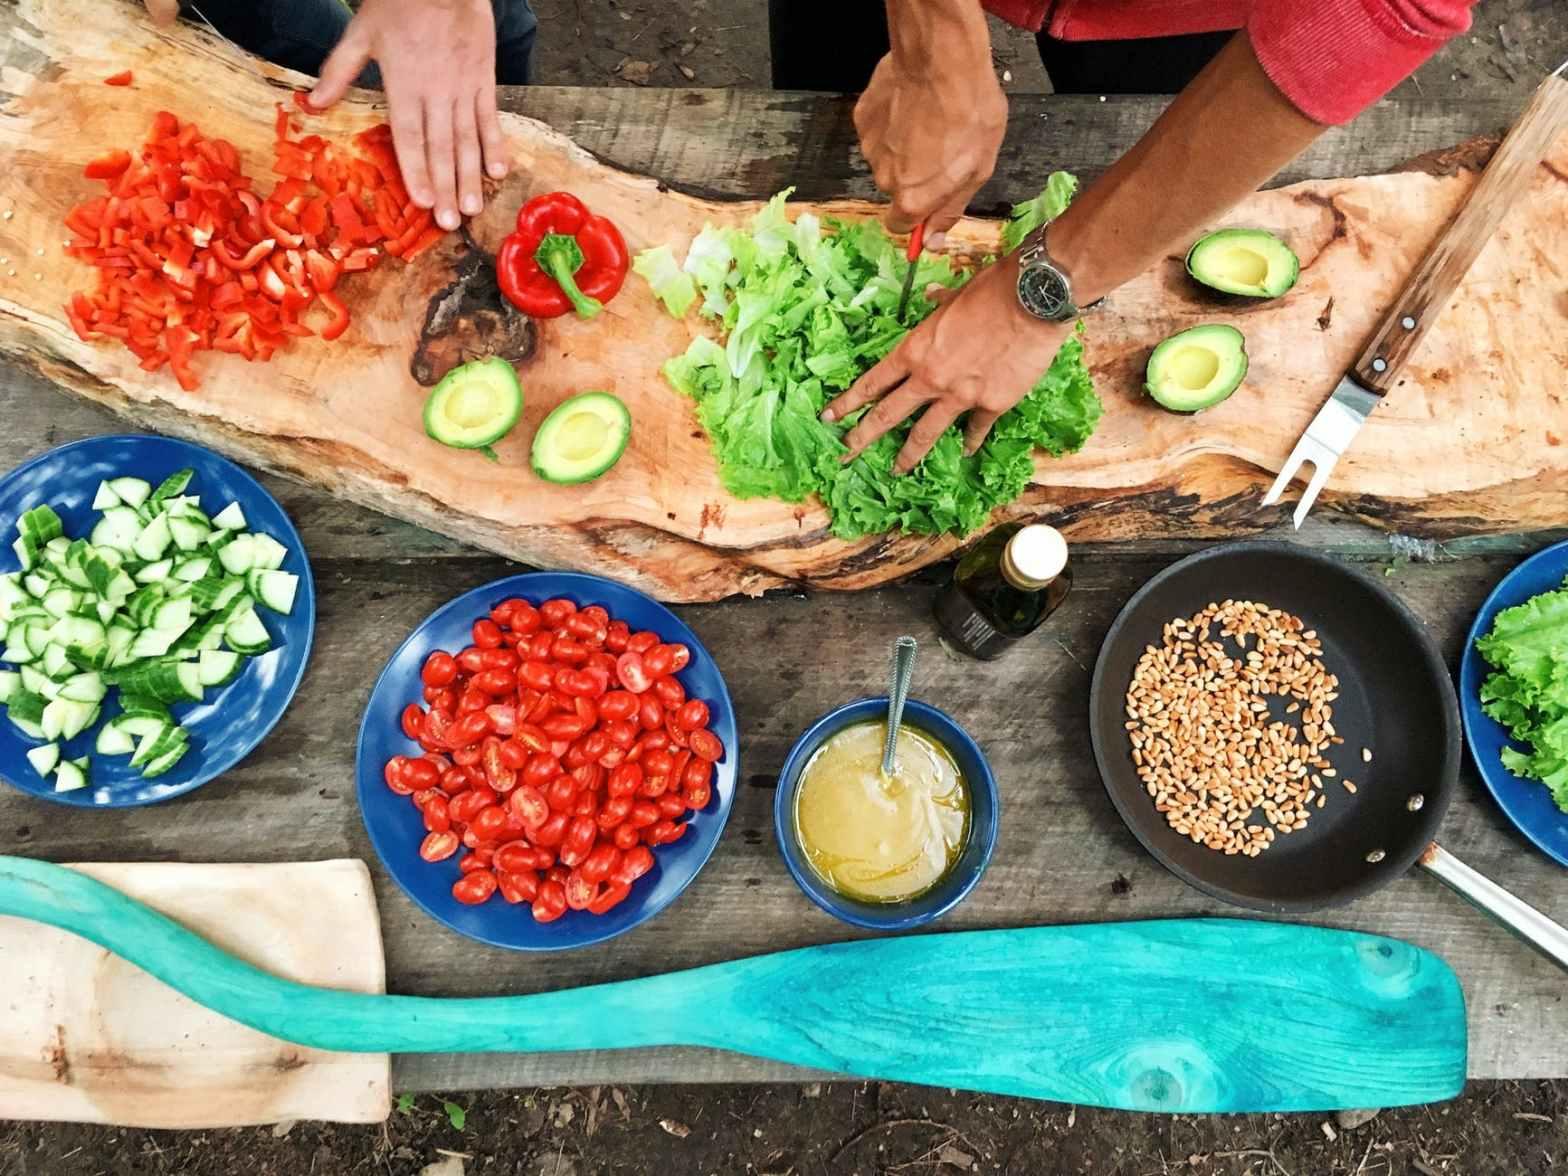 Fira vegetariska världsdagen 2020 med vegetarisk lunch